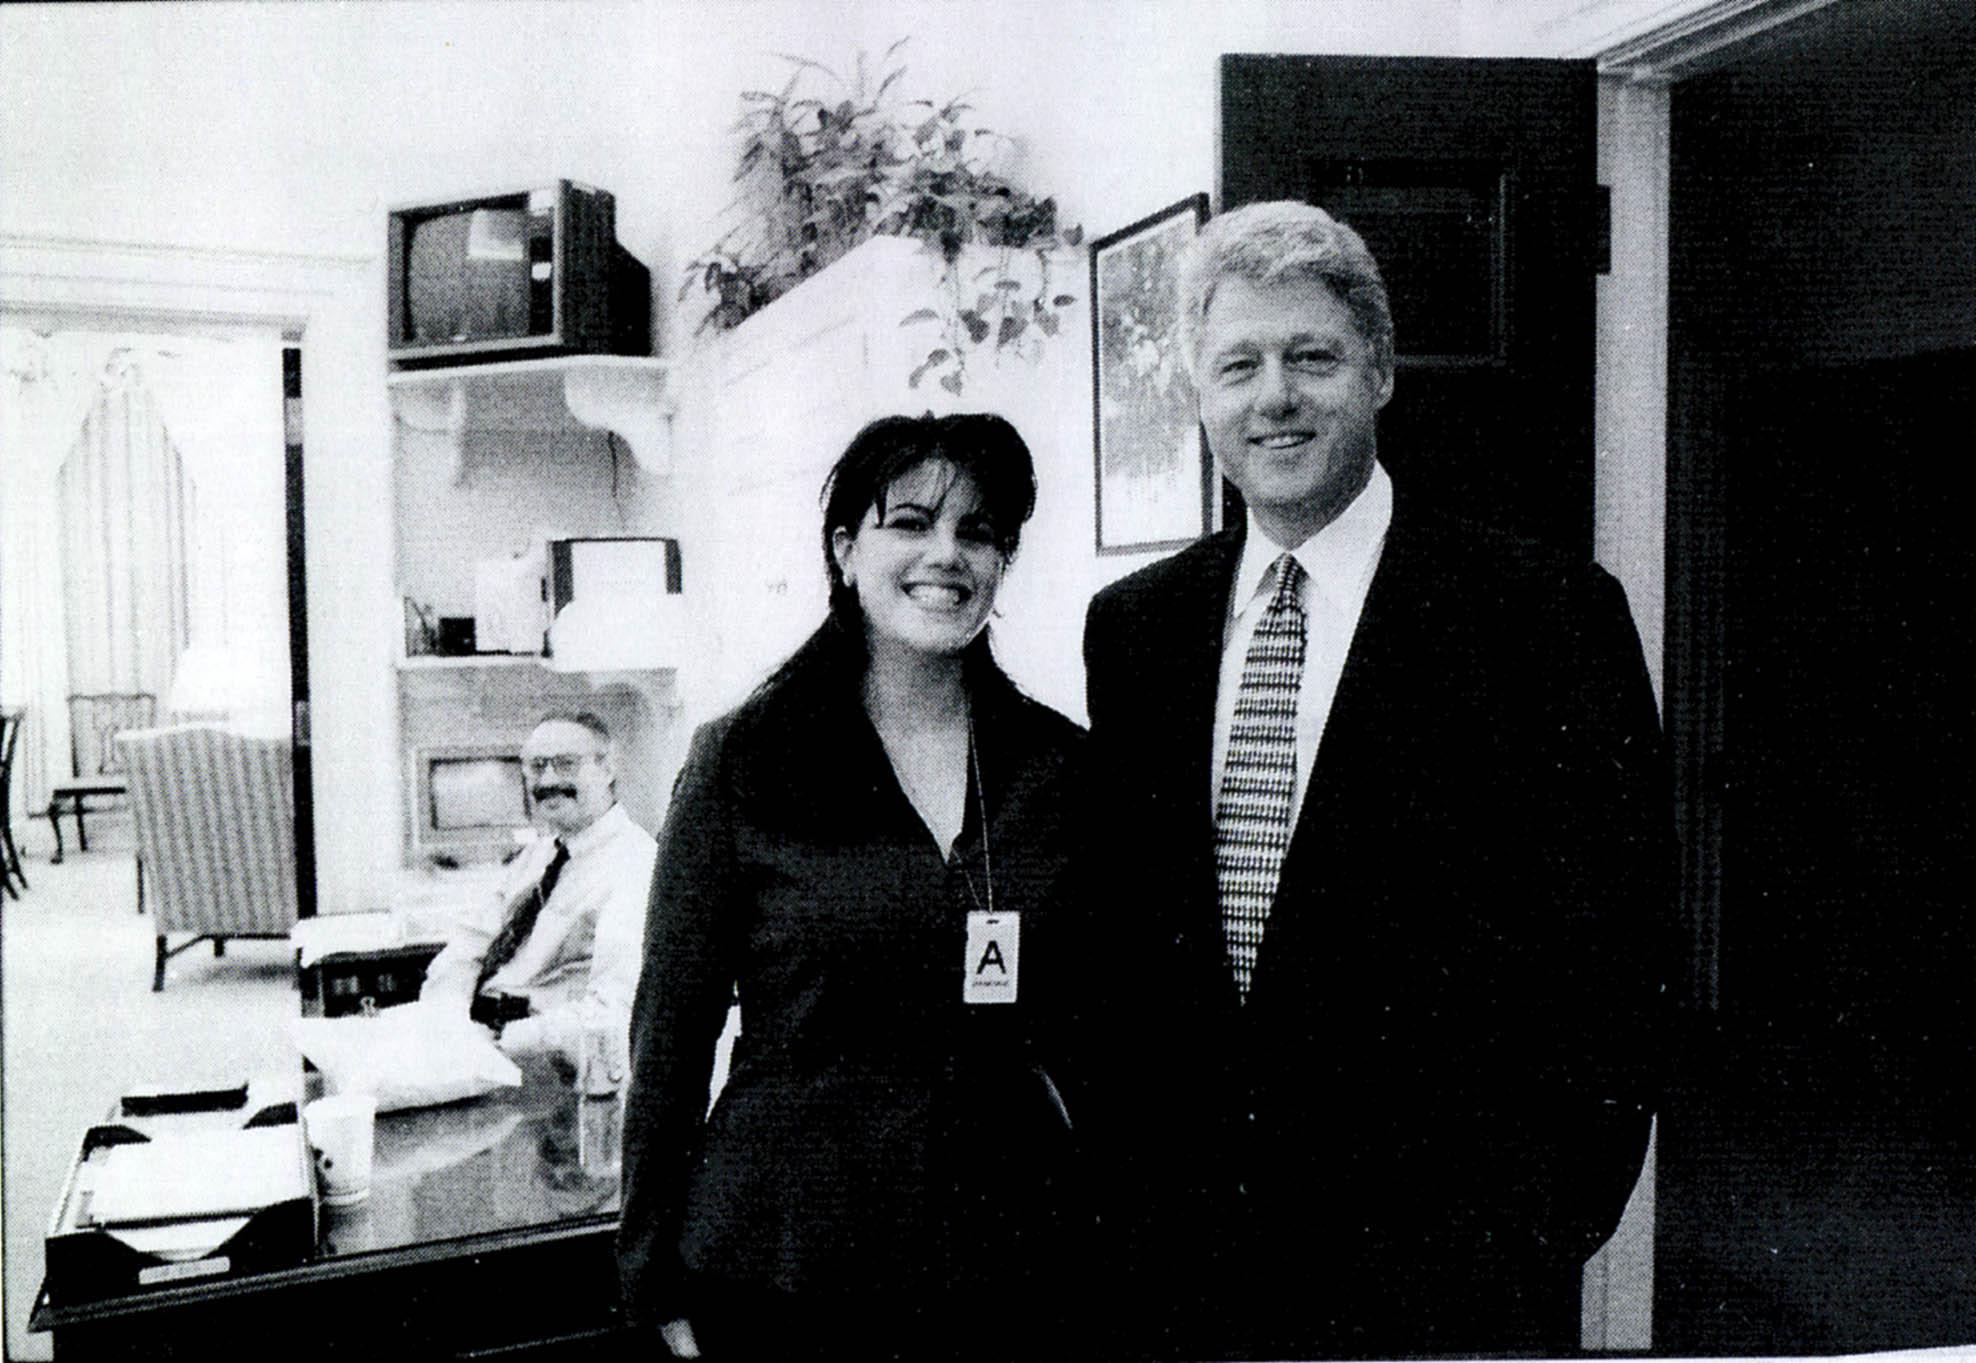 Monica Lewinsky: Clinton affair was a 'gross abuse of power'